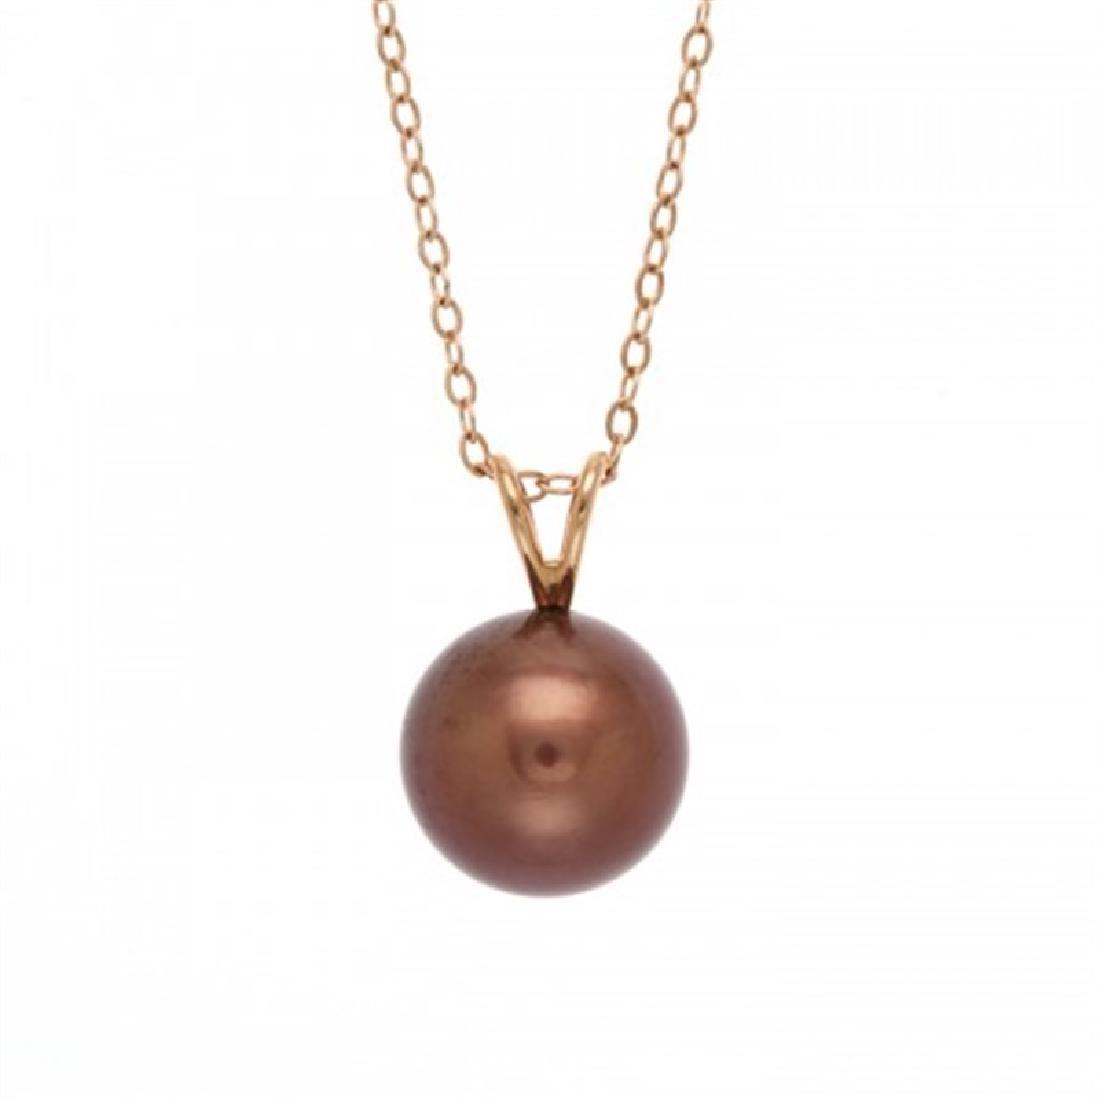 11.0-11.5mm Chocolate Tahitian Pearl Pendant